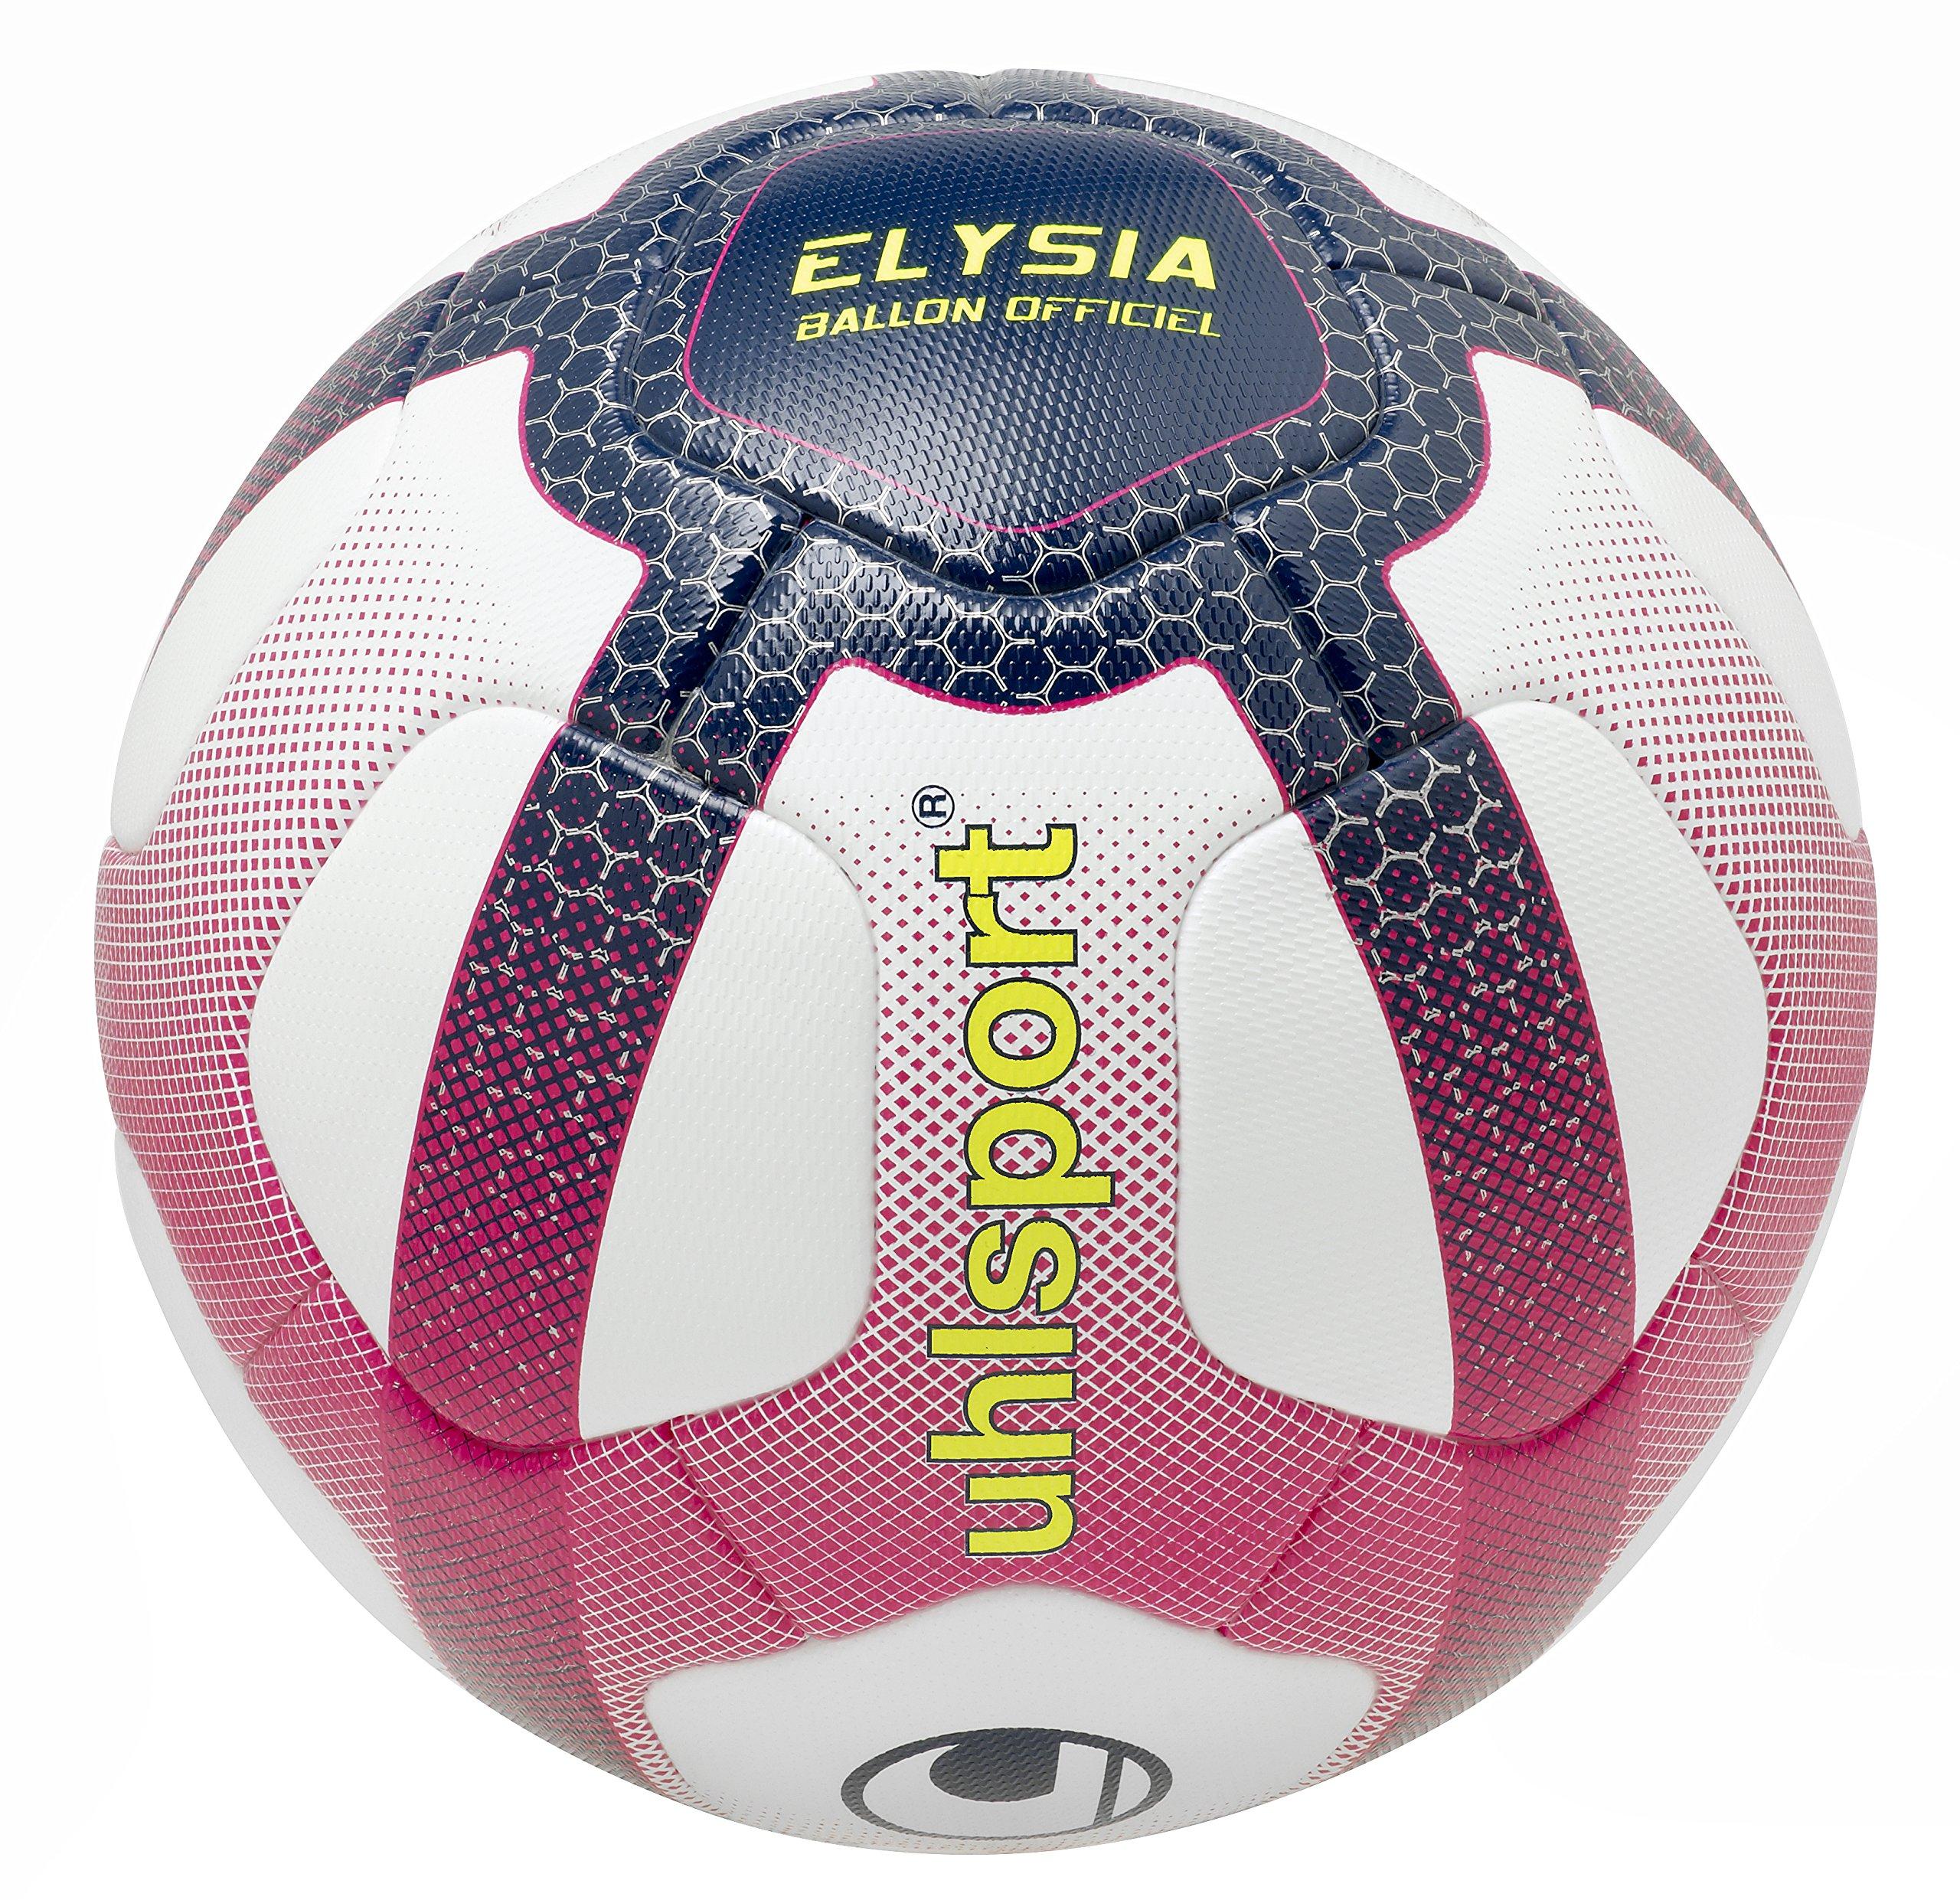 uhlsport – Elysia balón Oficial – Balón Fútbol – Design Liga 1 ...